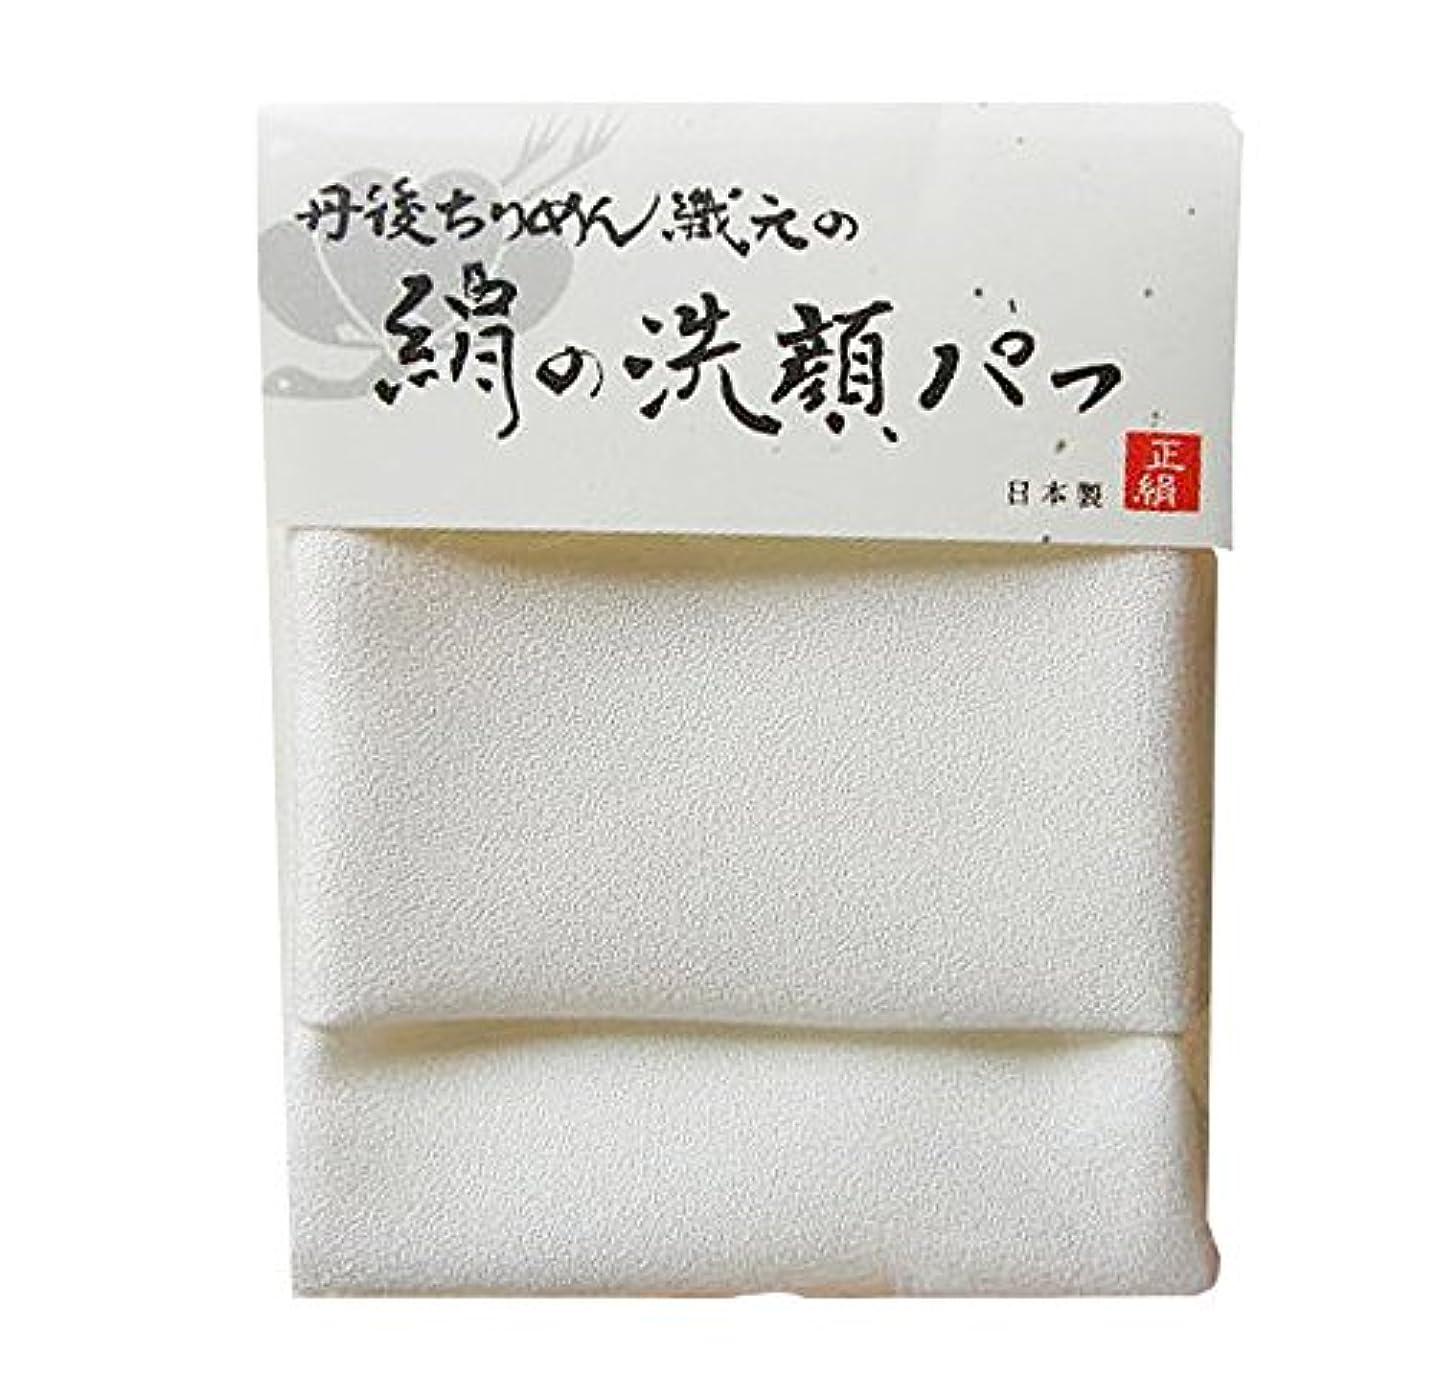 忌み嫌う虹回転する【NHKイッピンで紹介!】丹後ちりめん織元の絹の洗顔パフ